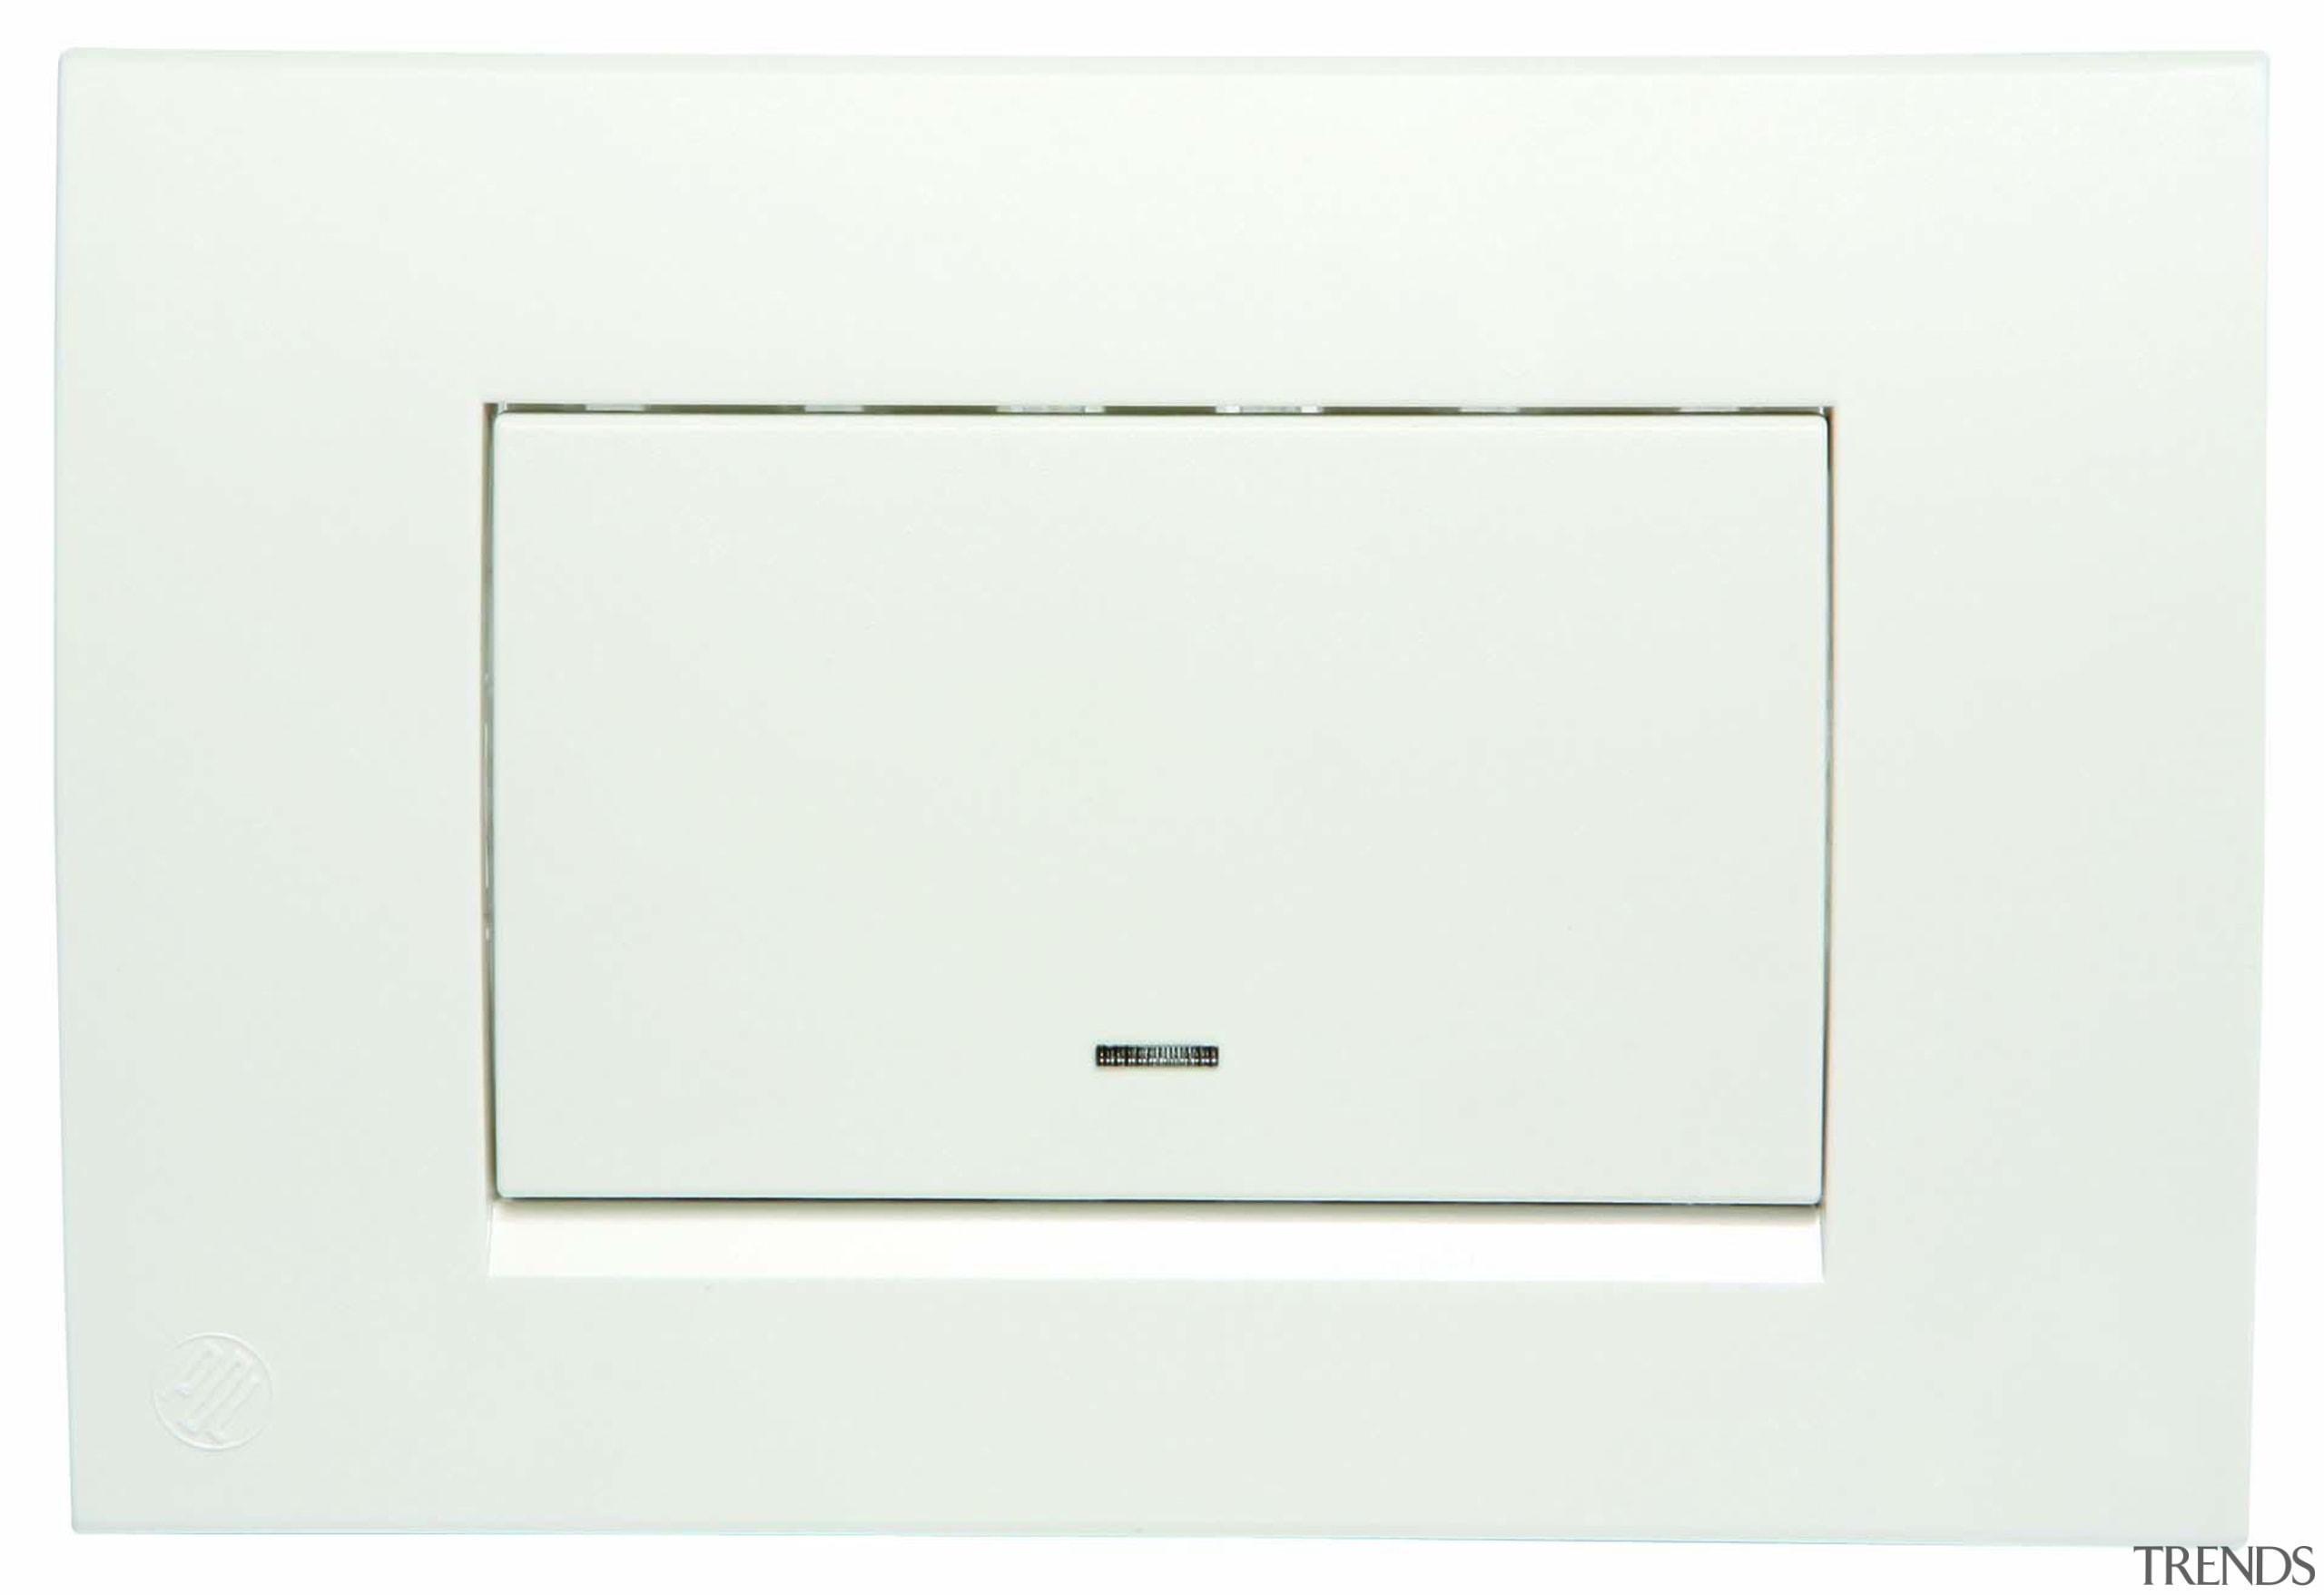 Modena single horizontal switch - White - Modena white